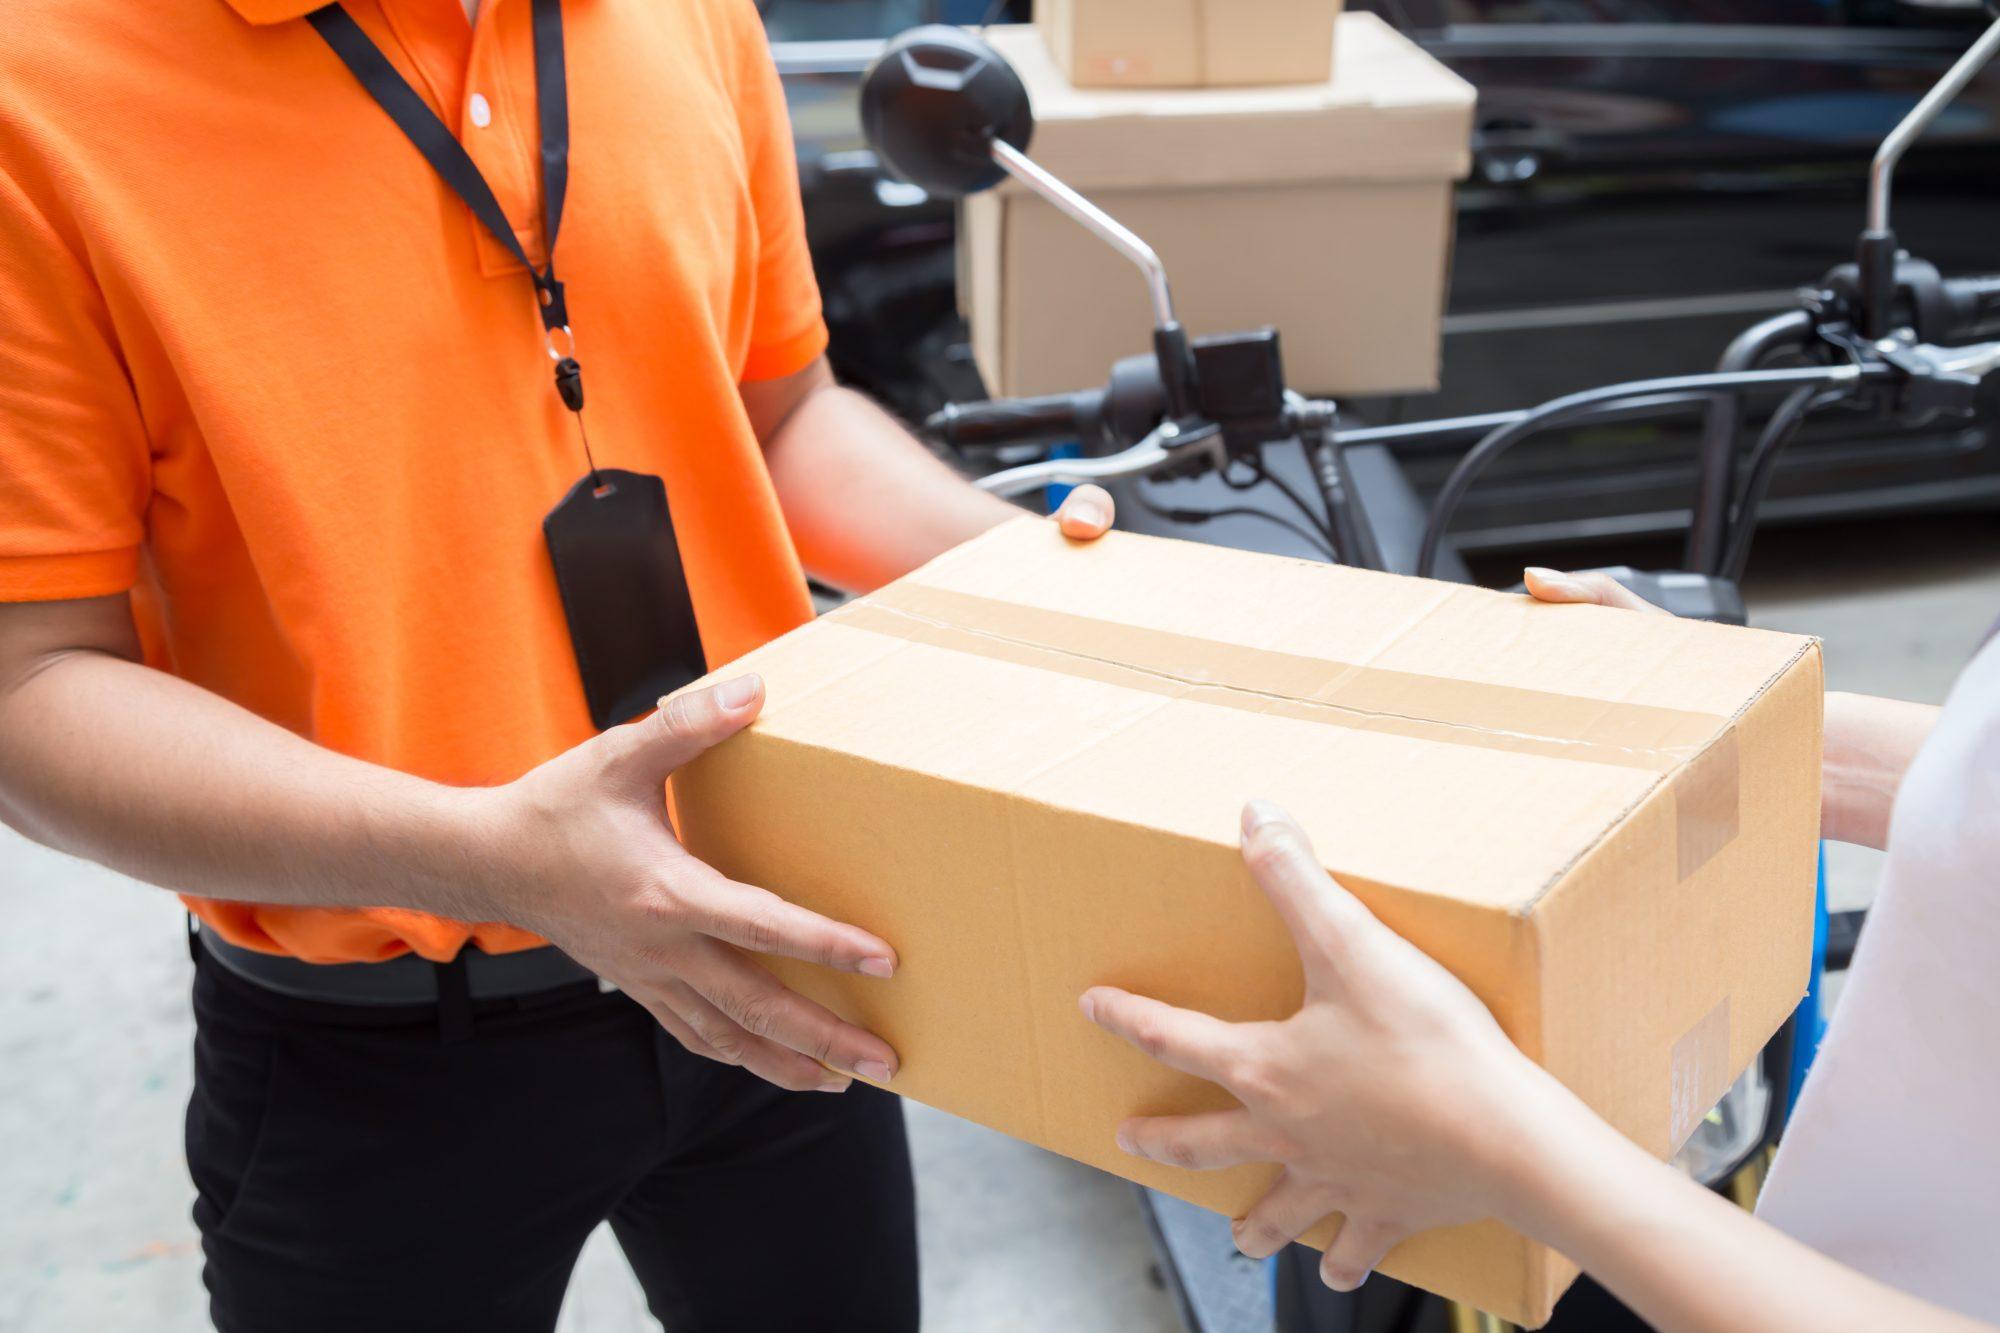 Mitigação da responsabilidade do fornecedor pelo atraso na entrega de mercadorias em tempos de pandemia